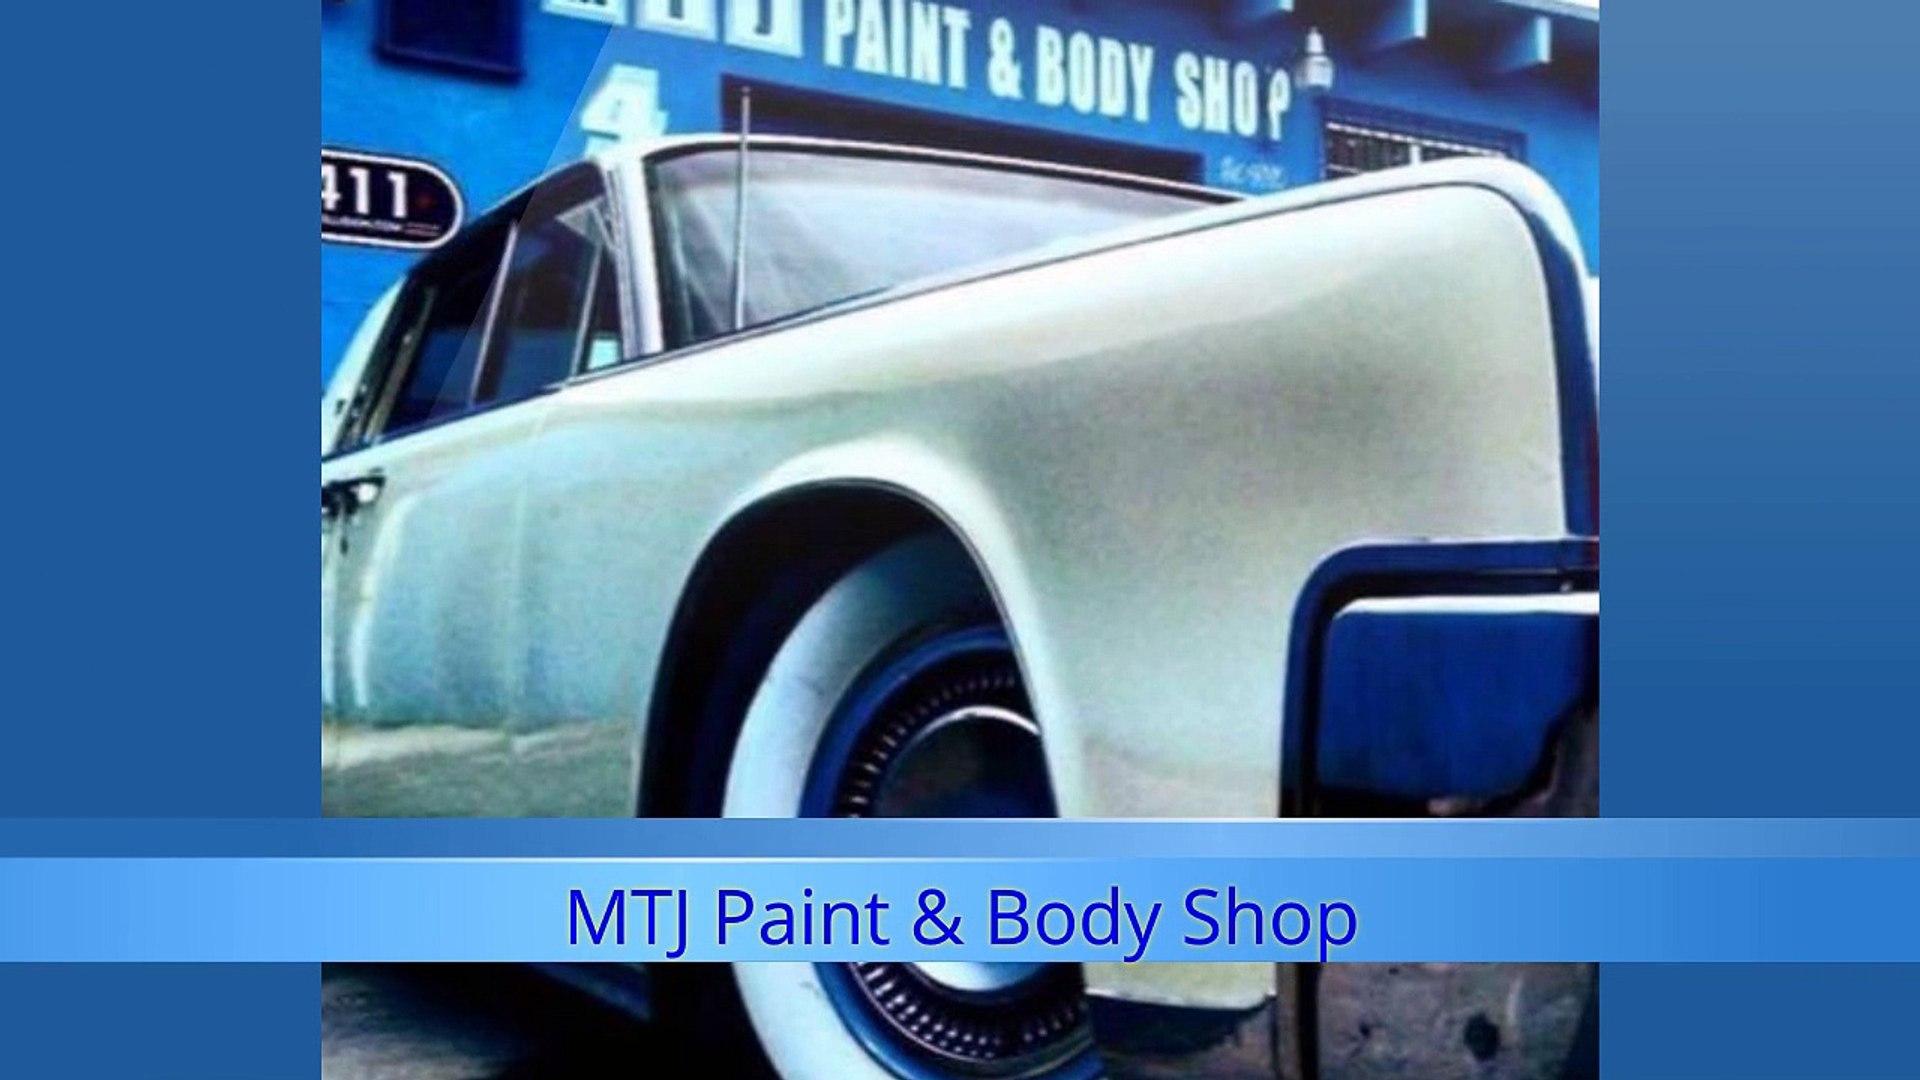 Towing Miami - MTJ Paint & Body Shop (305) 632-1914